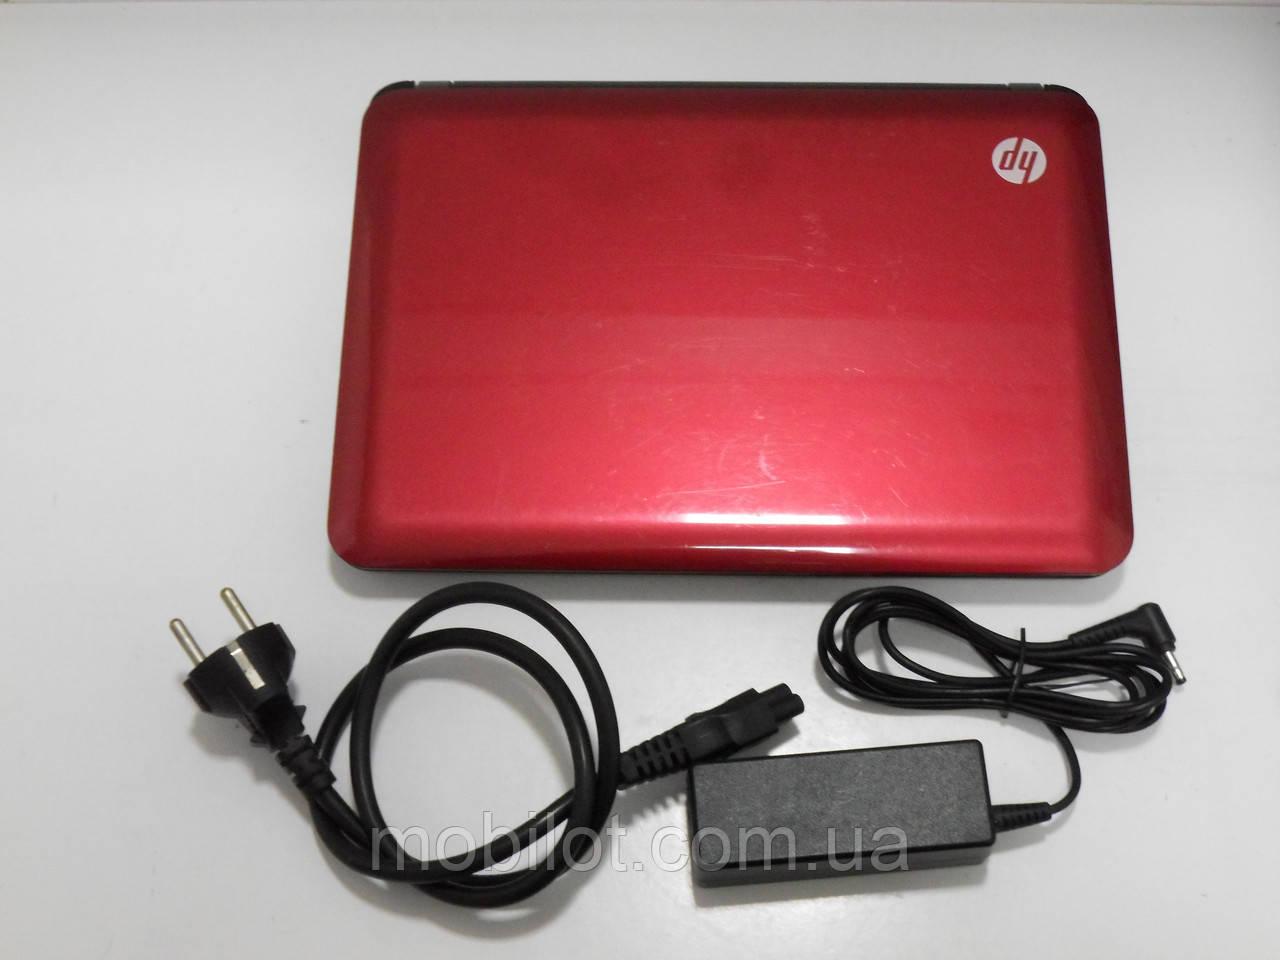 Ноутбук HP 110-3135DX (NR-7950)